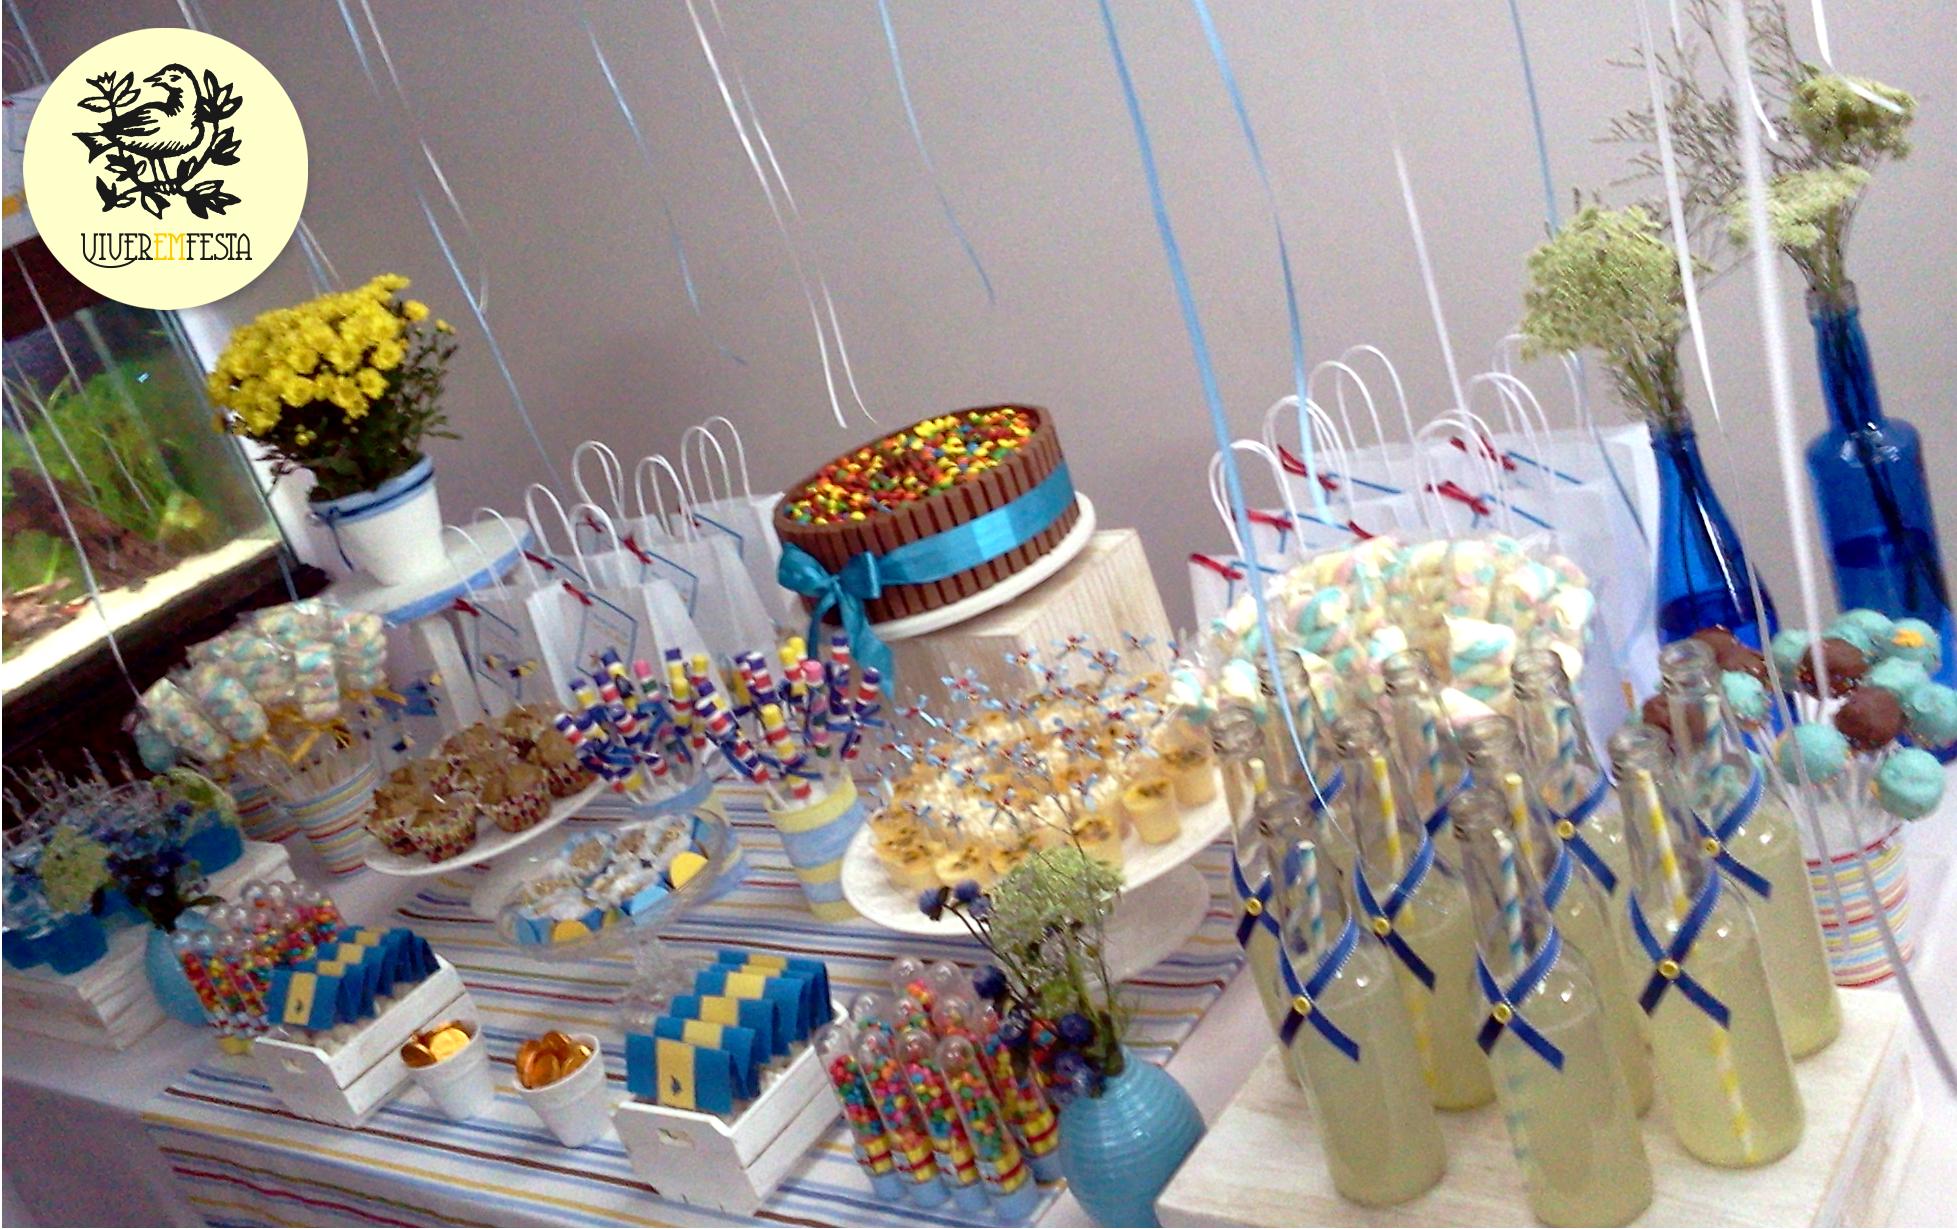 Decoraç u00e3o para aniversário de 1 ano Viver em Festa Elo7 -> Decoração De Zebra Para Aniversario